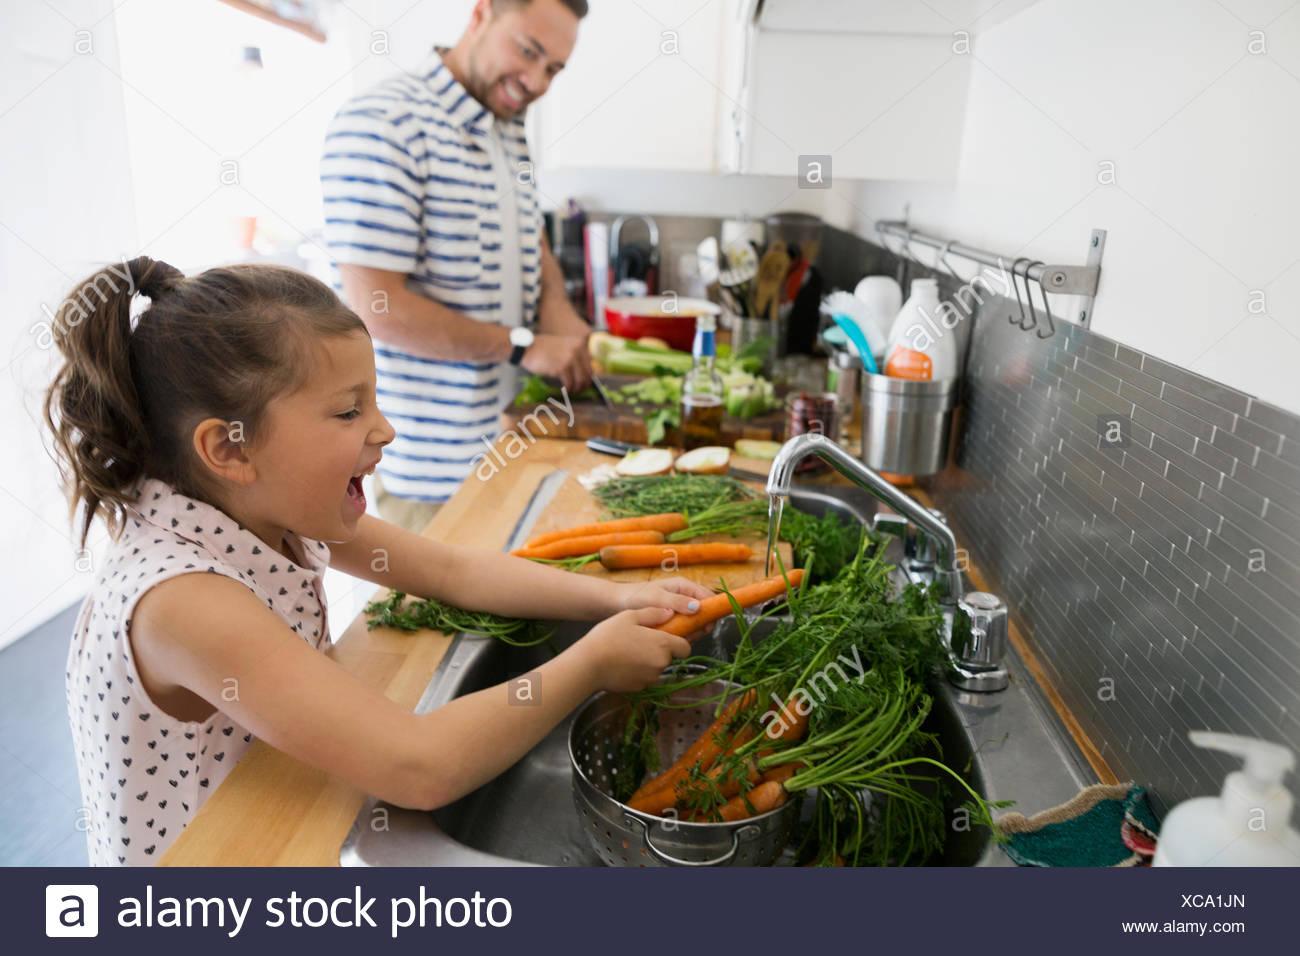 Père et fille de cuisson des carottes à laver évier de cuisine Photo Stock